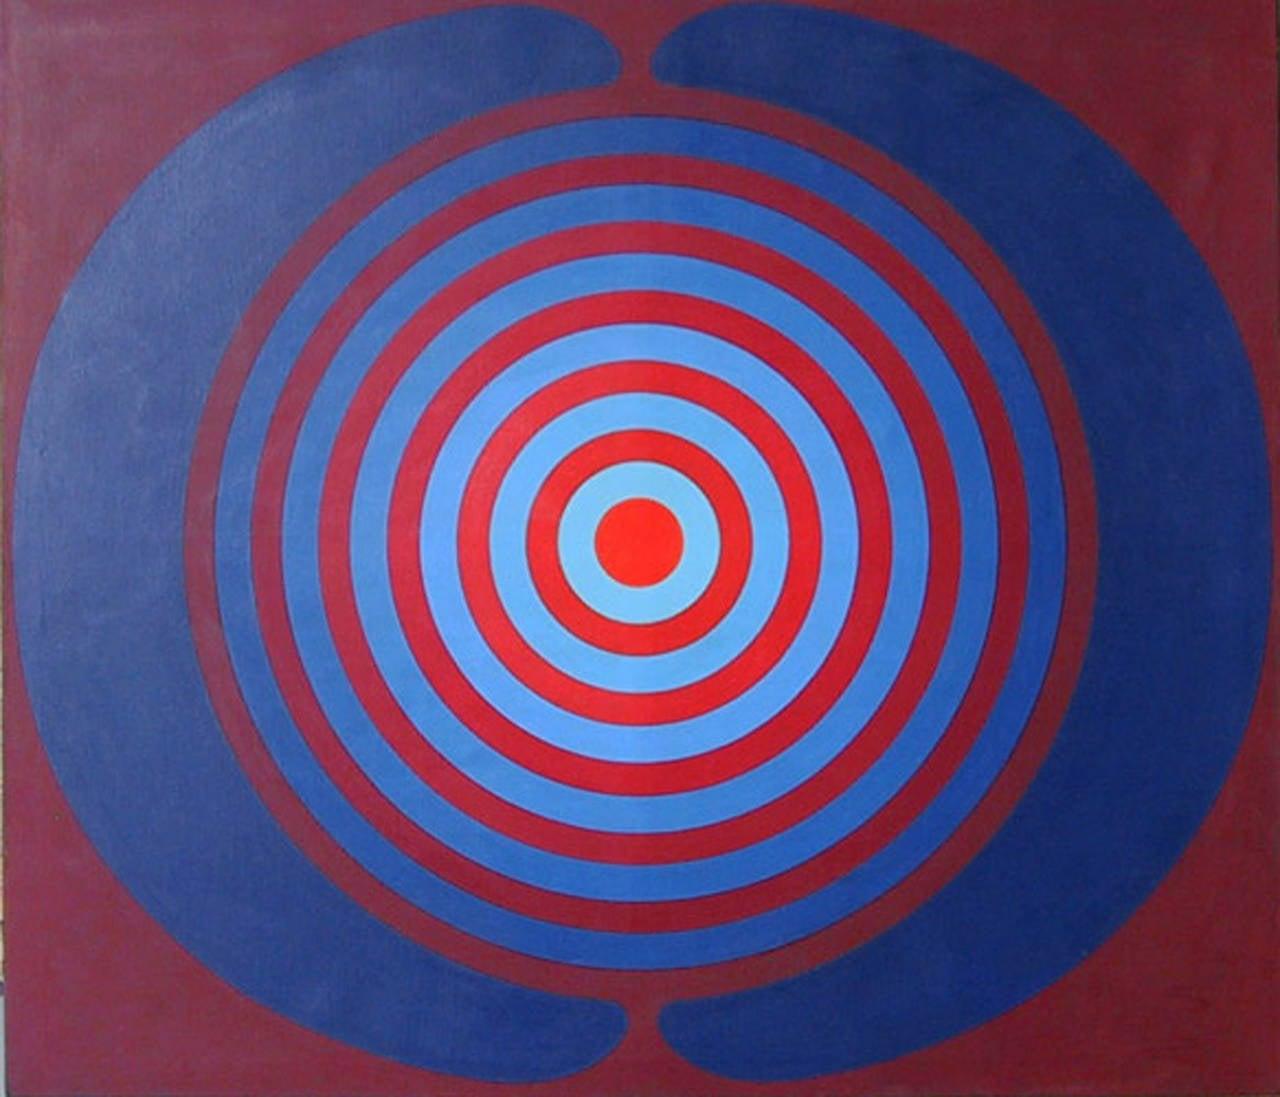 Target, Large Geometric Painting by Kyohei Inukai 1968